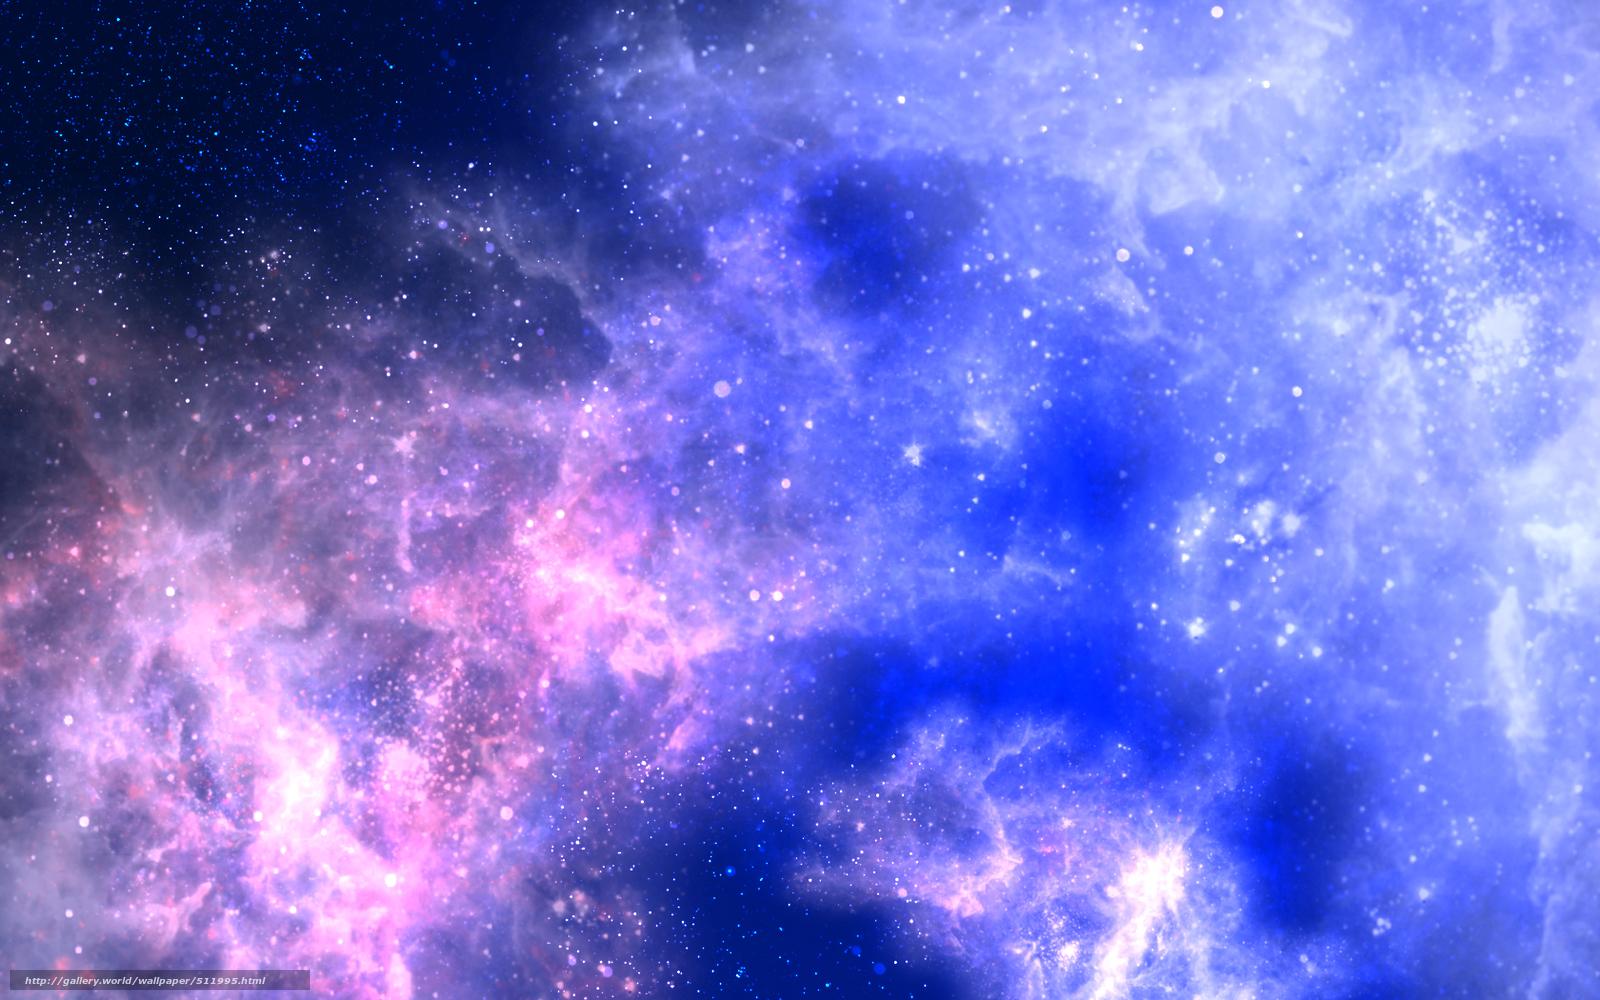 звёзды космос обои